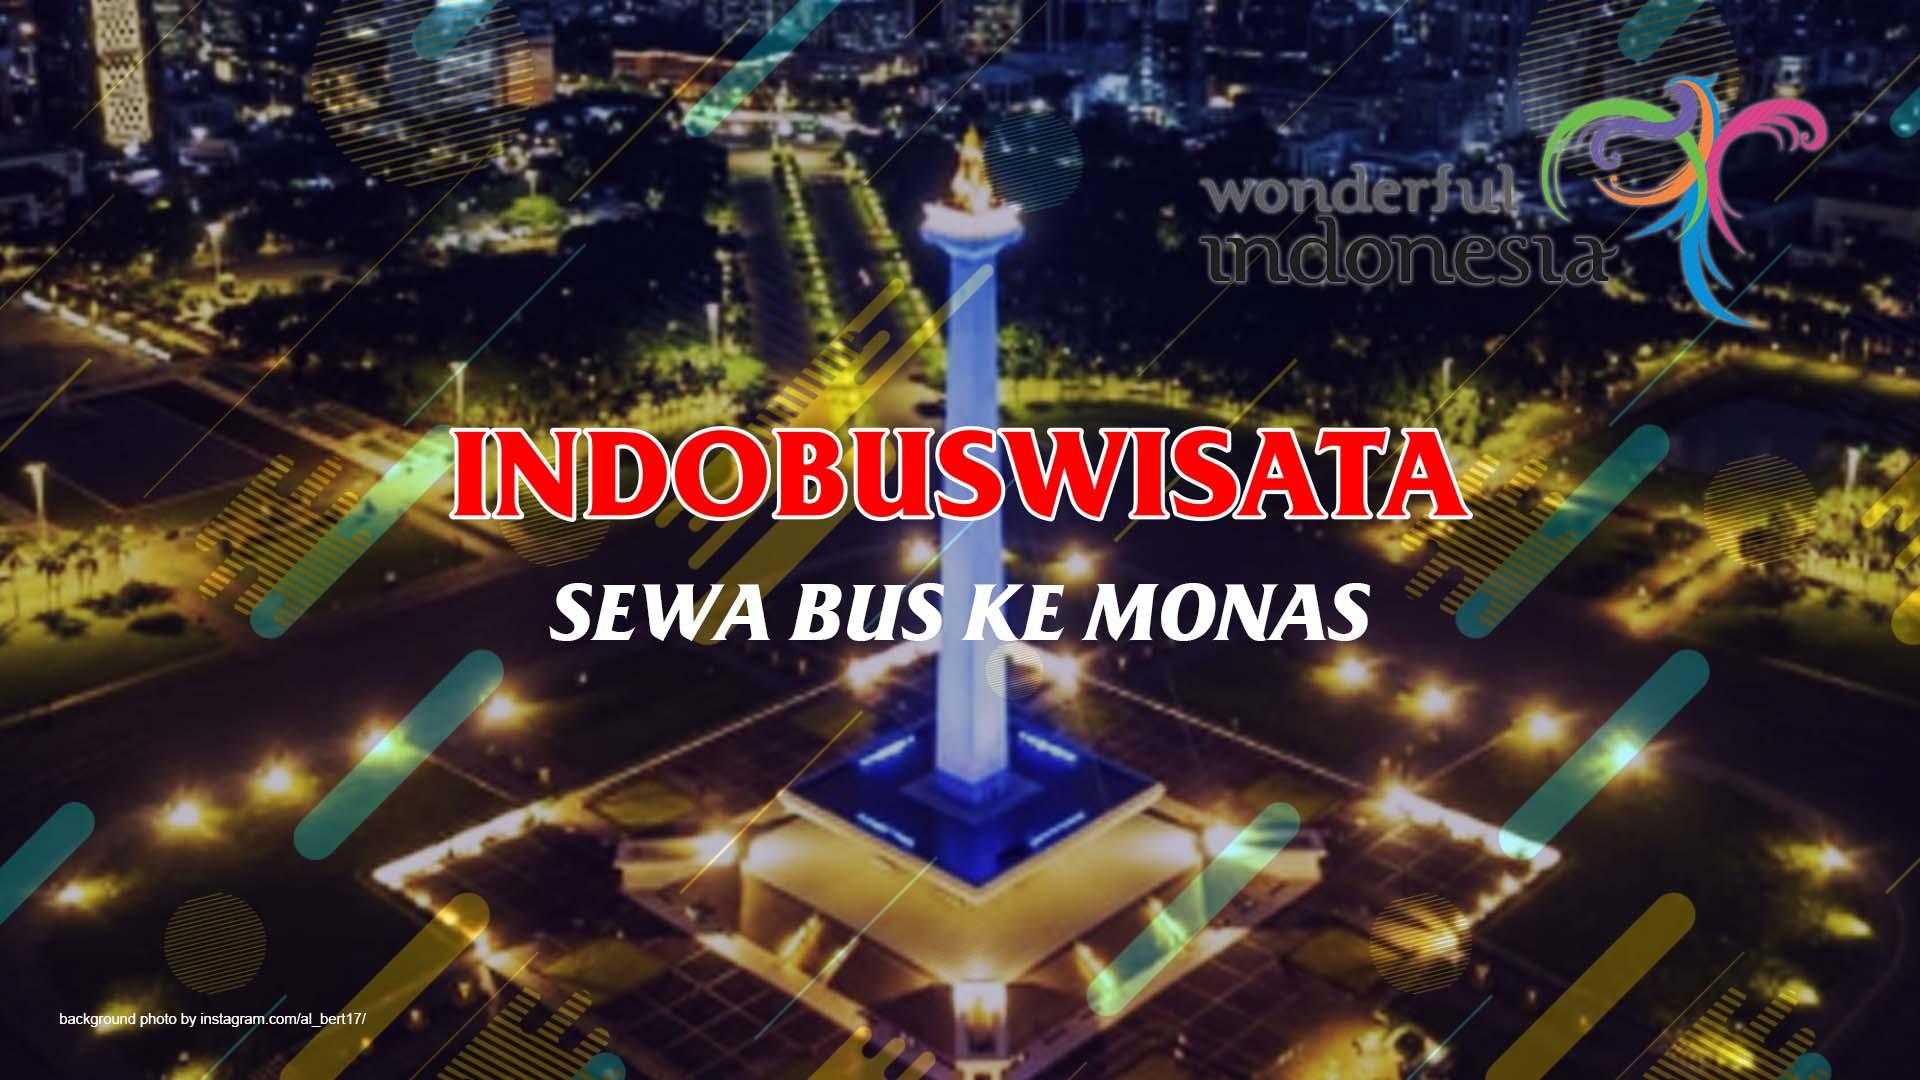 Sewa Bus Ke Monas - Jakarta - Indobuswisata